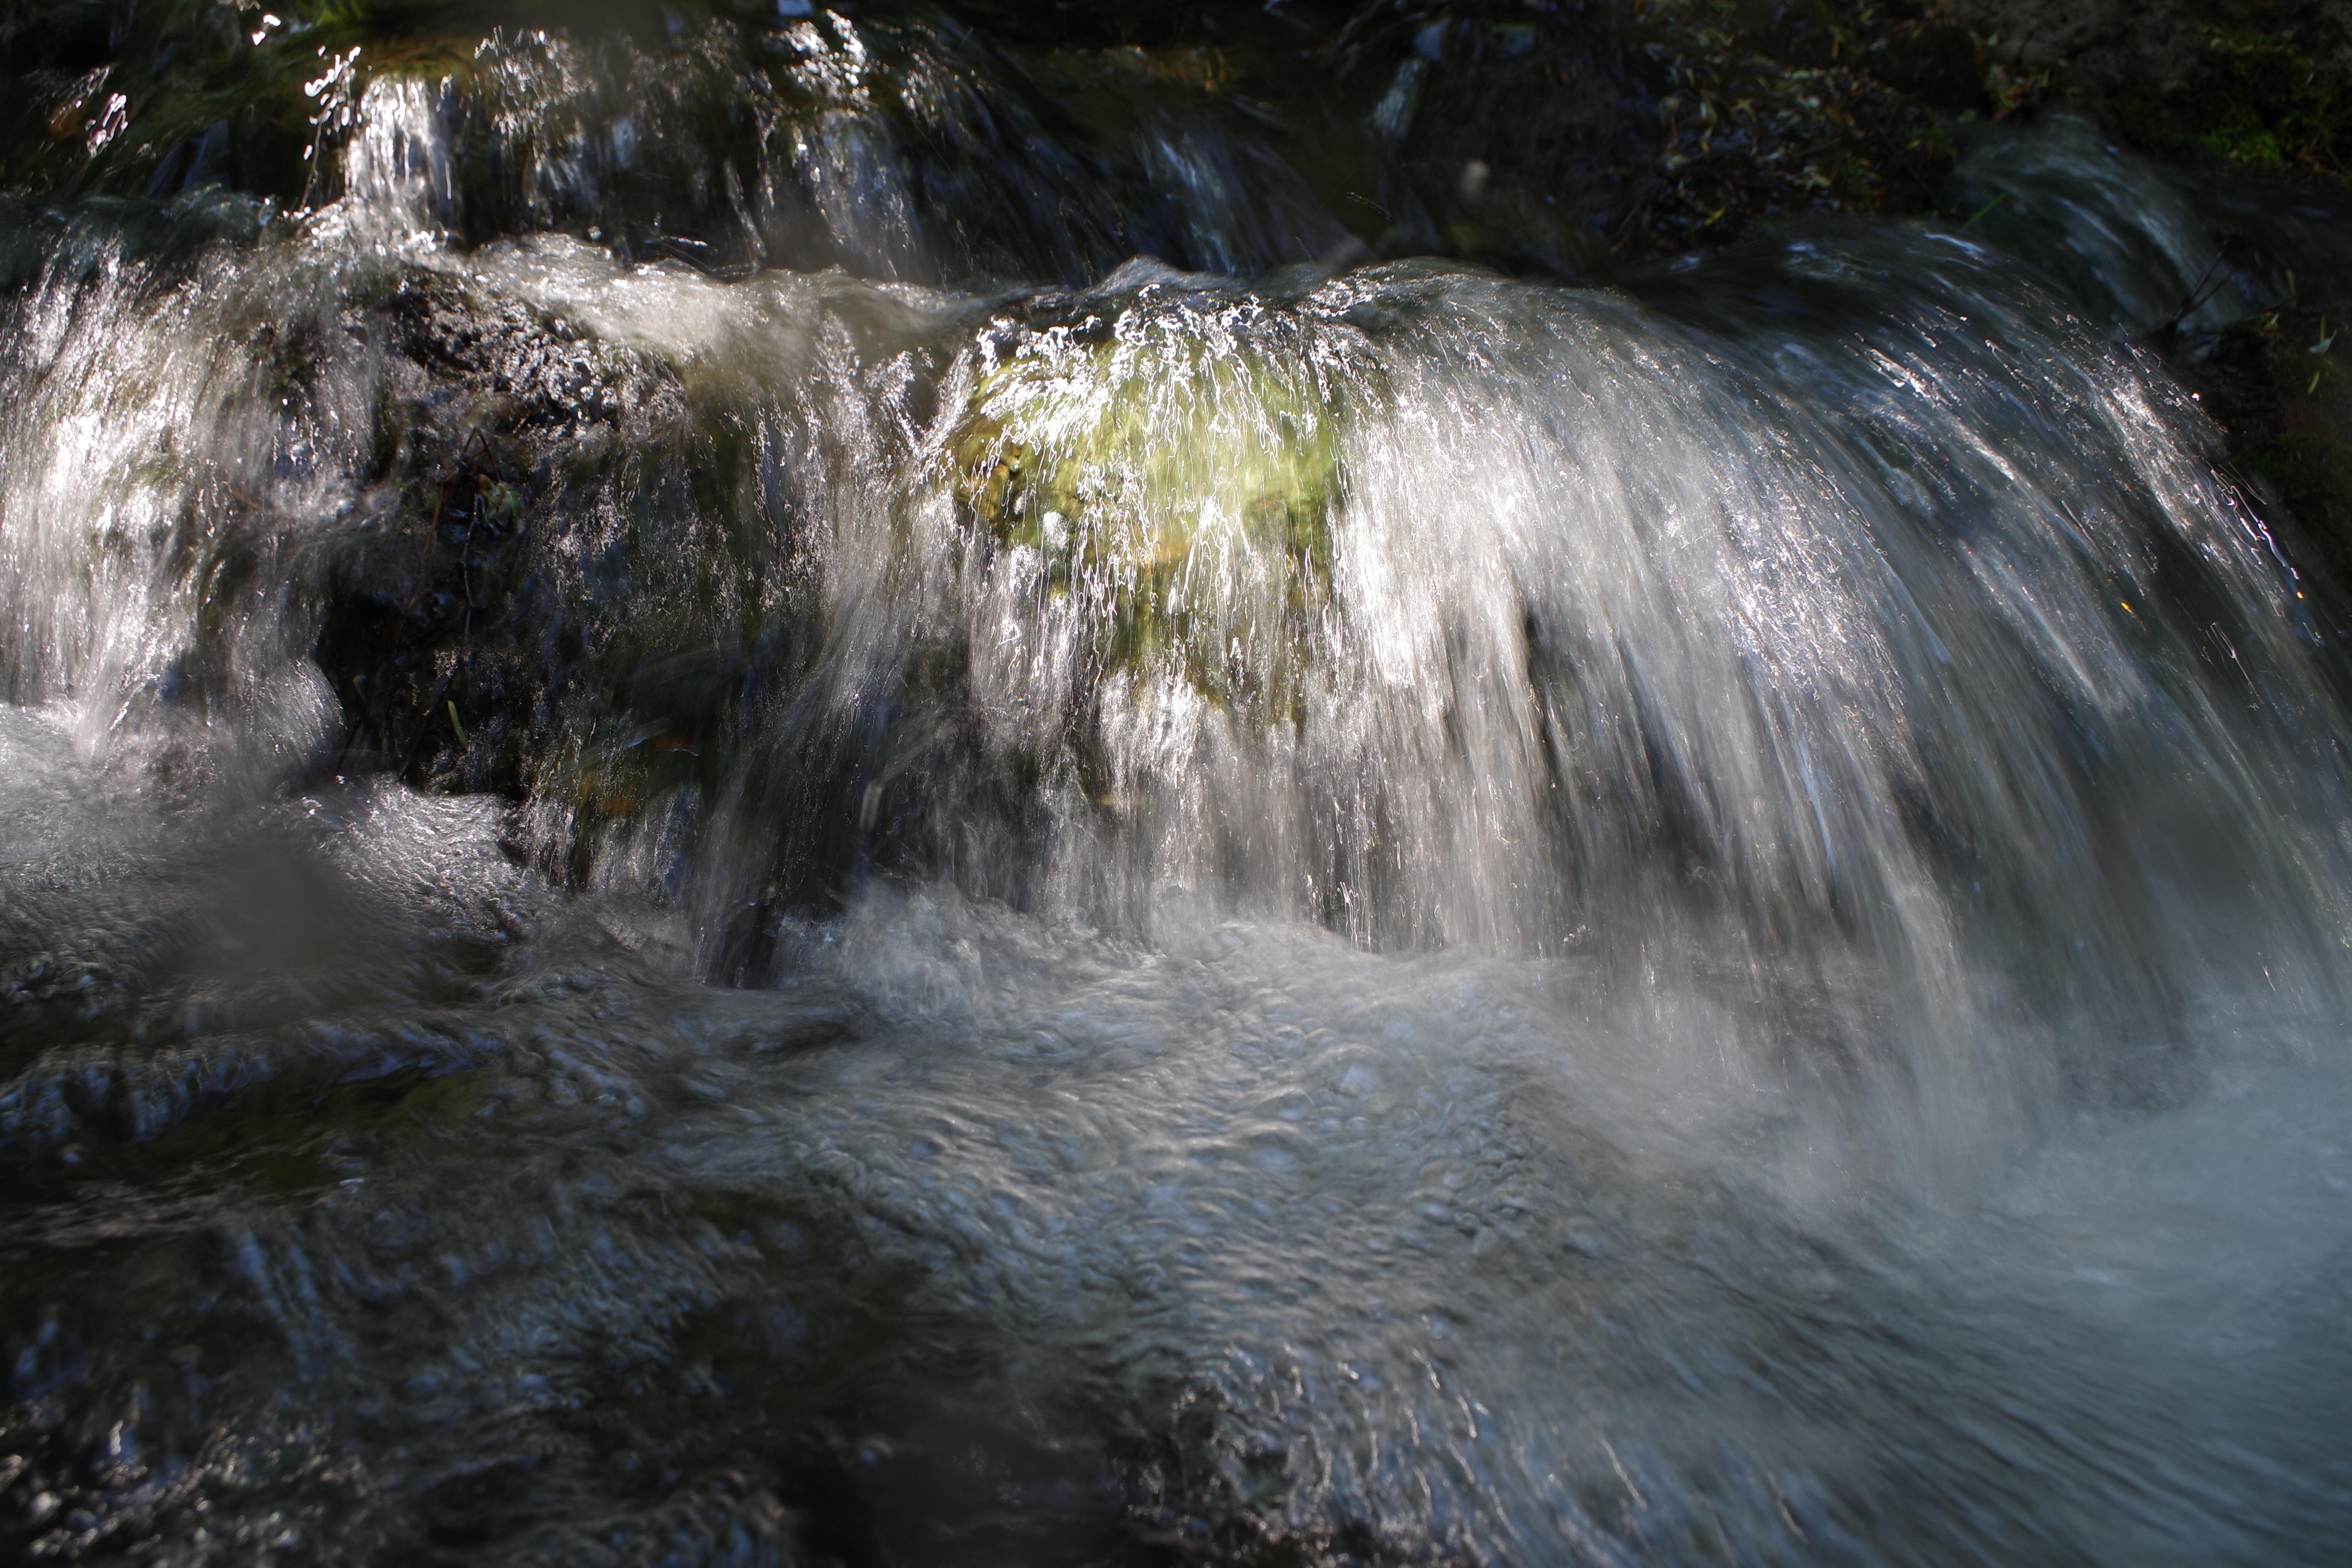 """水濡れの危険がつきまとう渓流などの撮影では、防塵・防滴のカメラはとても頼もしい。<br class="""""""">K-S2 / DA L 18-50mm F4-5.6 DC WR RE / F8 / 1/30 / 0EV / ISO100 / 18mm"""